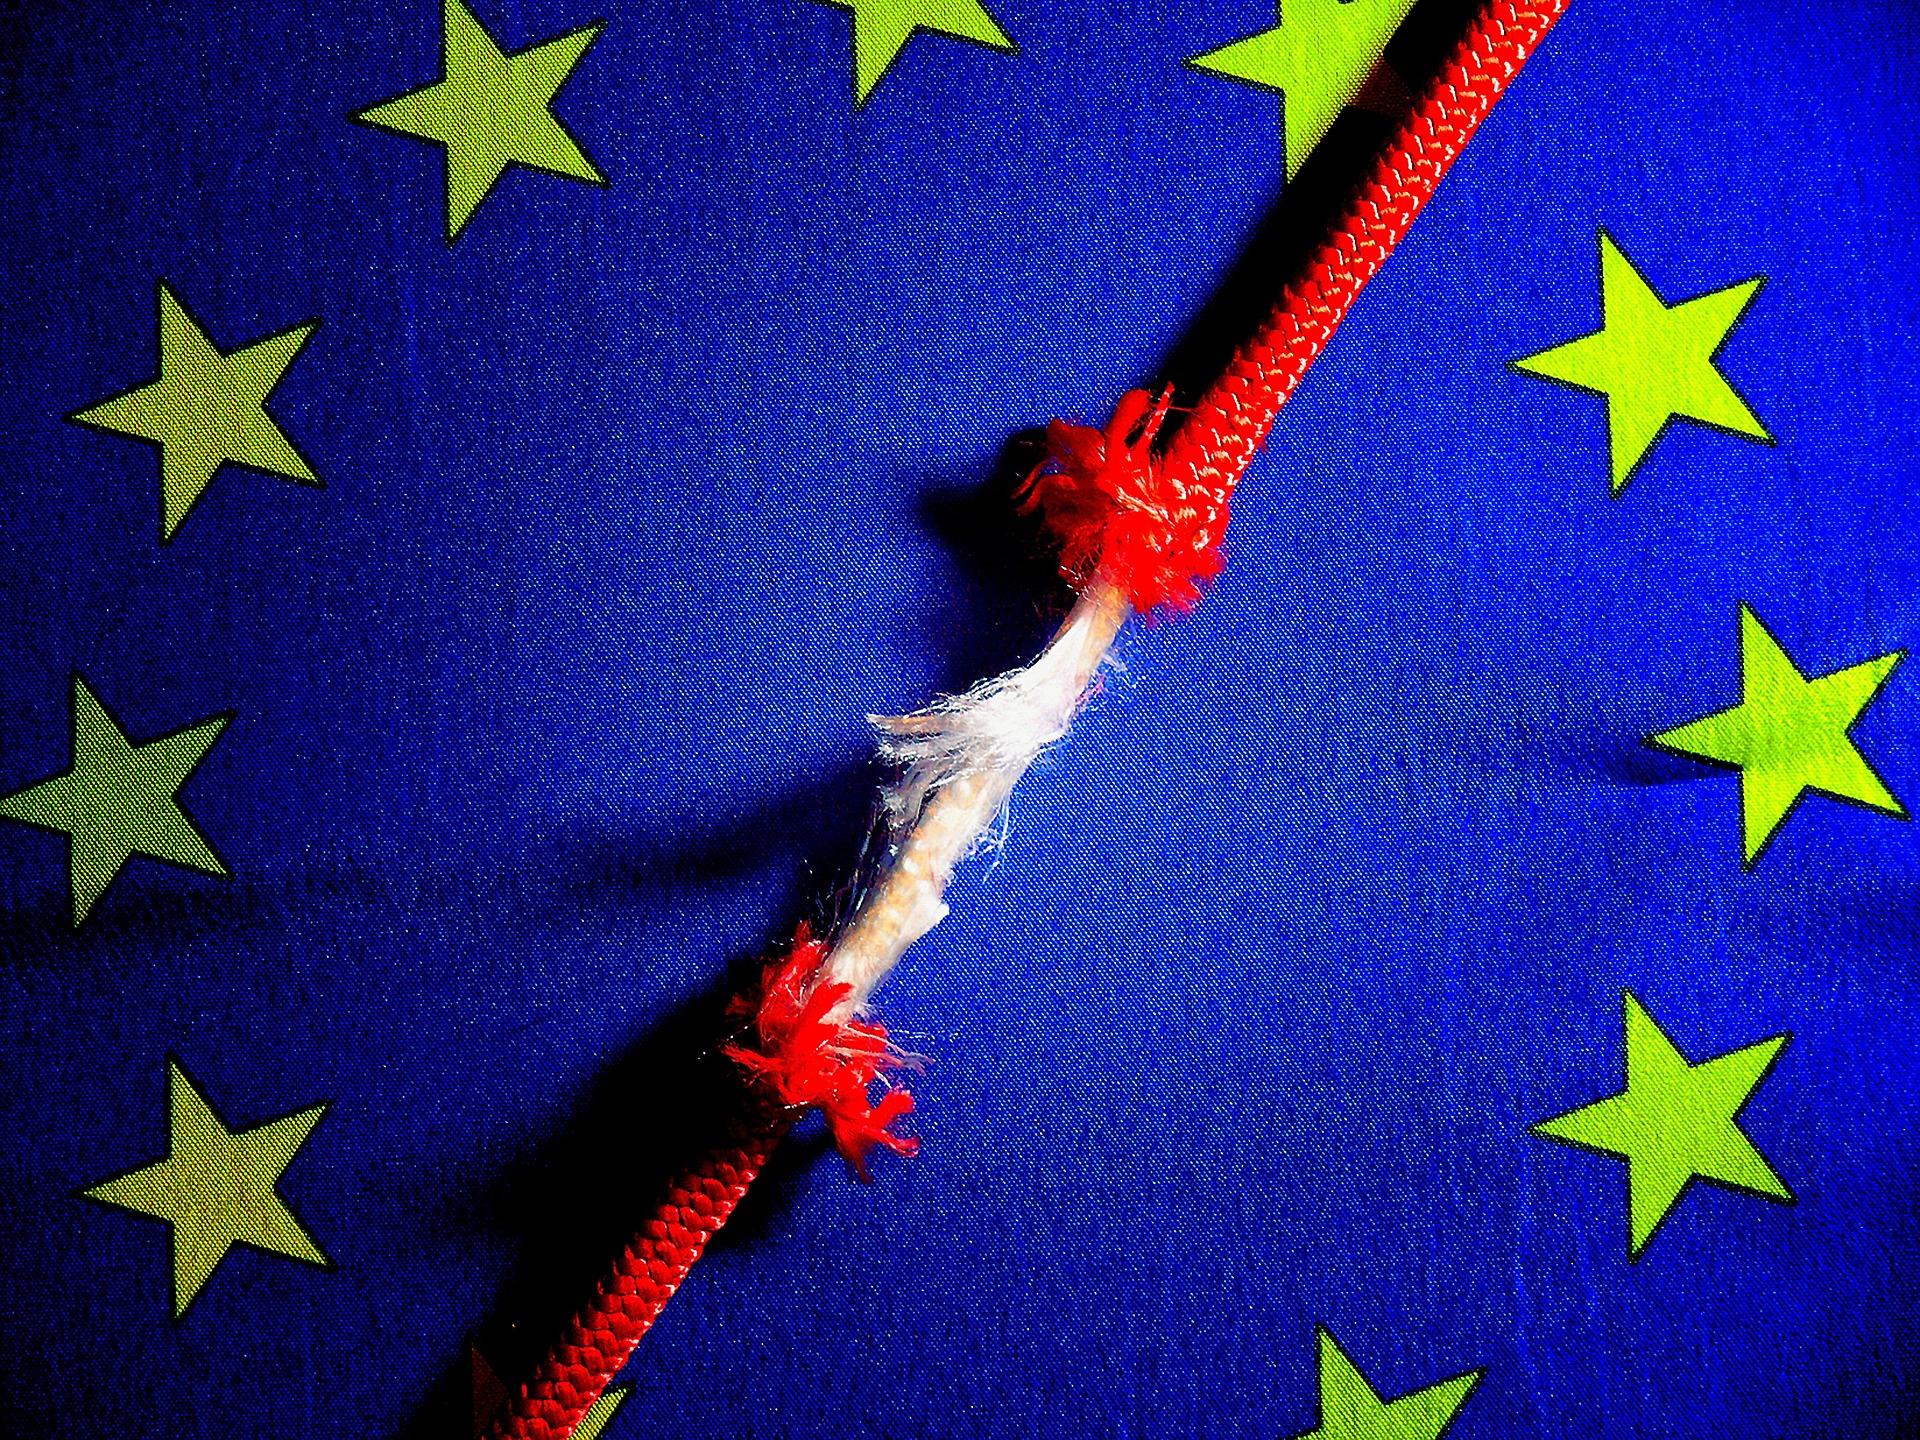 Mercato unico: libertà e protezione